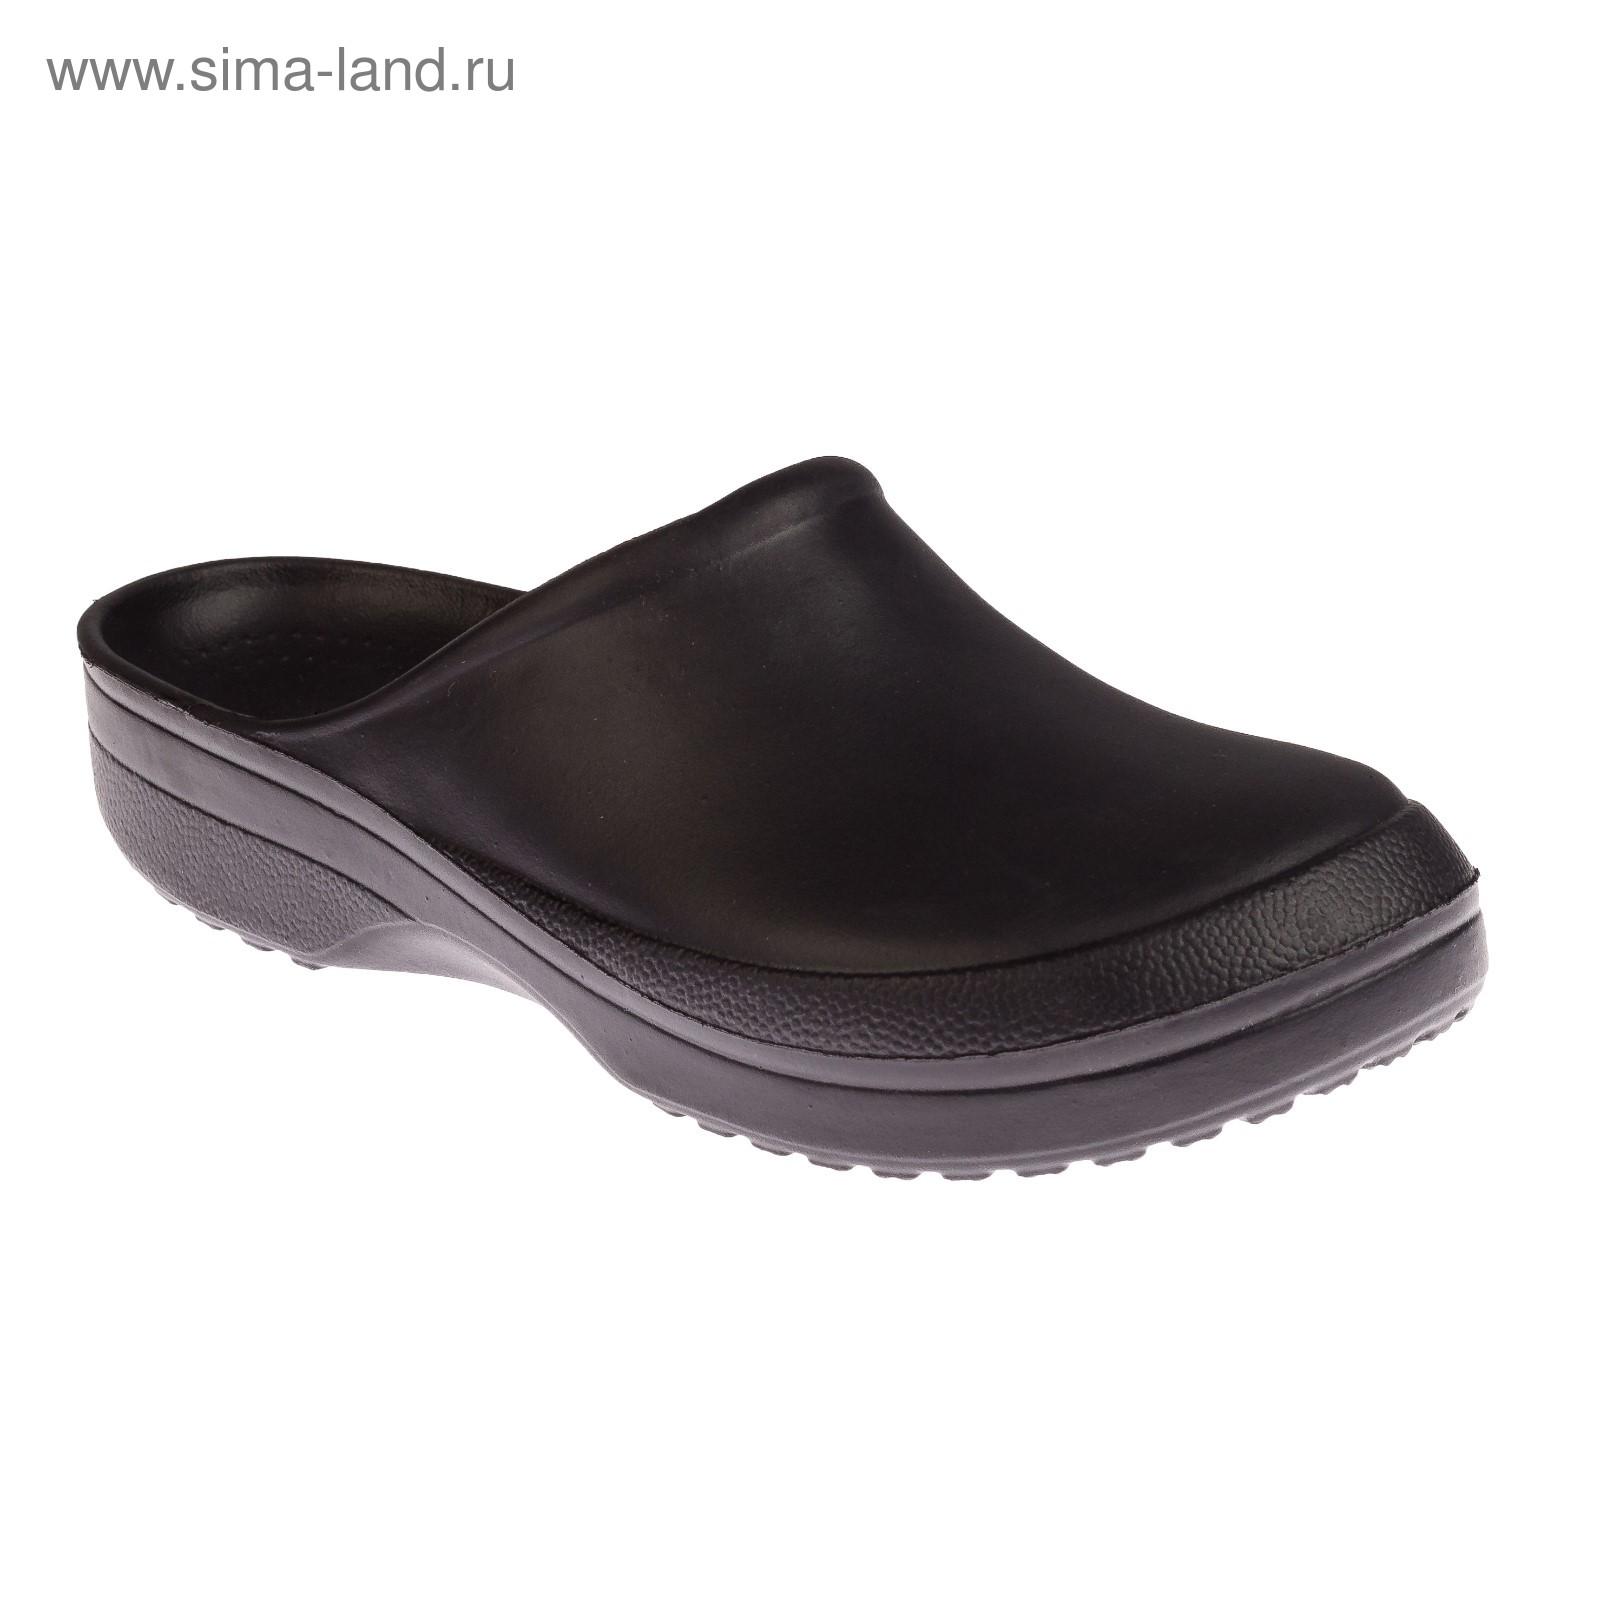 1c480d358 Сабо мужские ЭВА, цвет чёрный, размер 44 (3871843) - Купить по цене ...